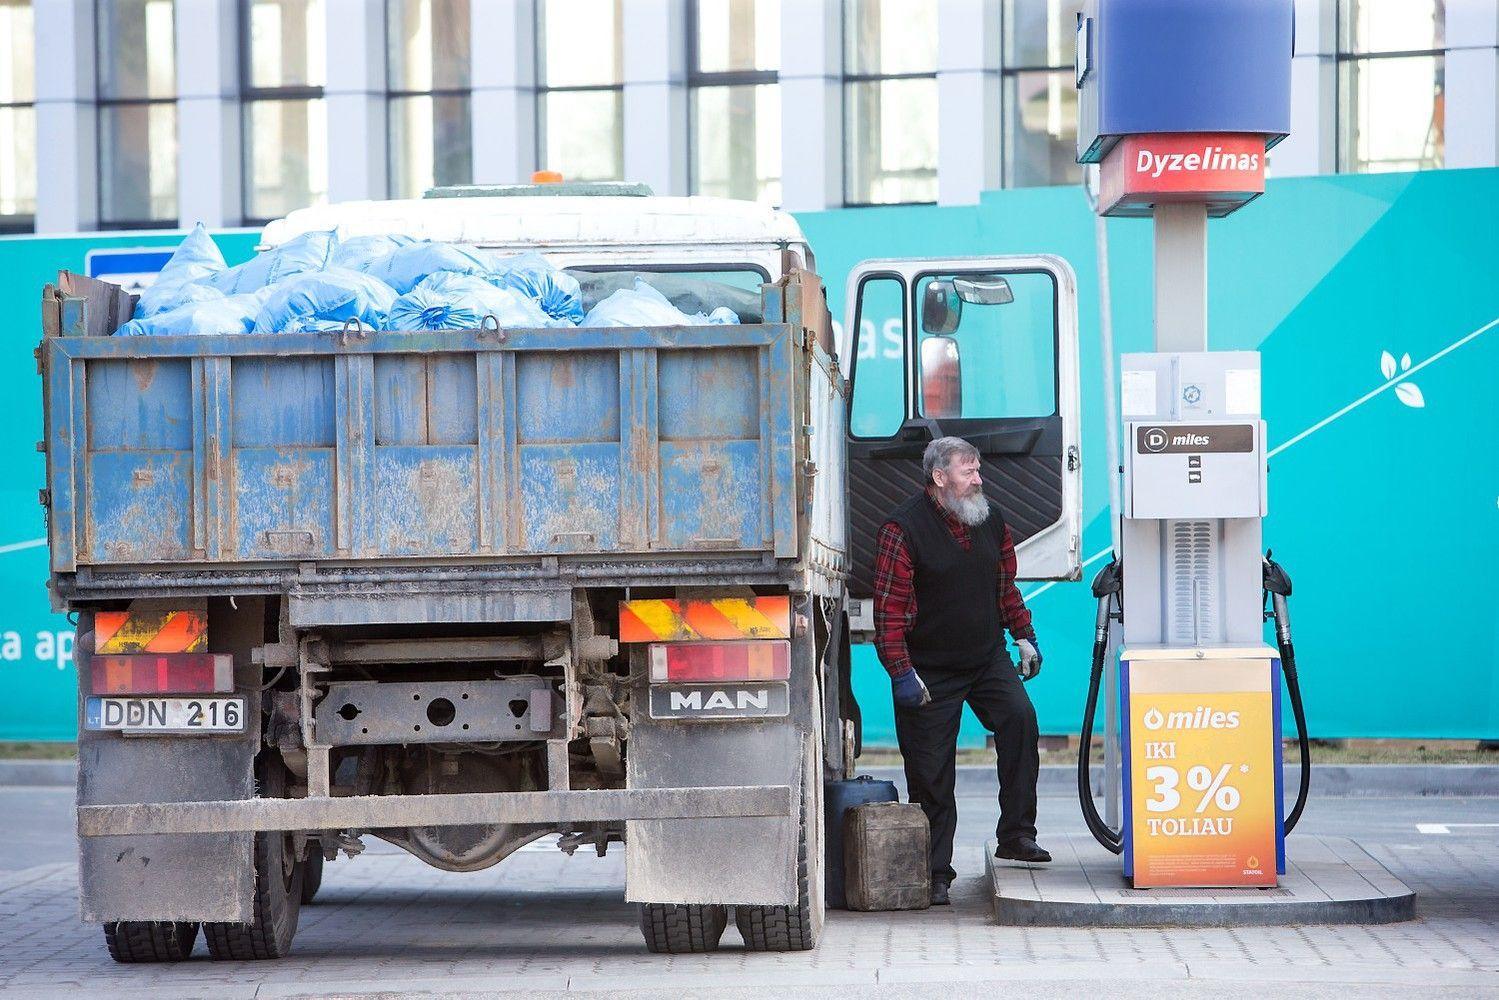 Degalai Lietuvoje pigesni nei Lenkijoje, bet naudą gaudo kaimynai